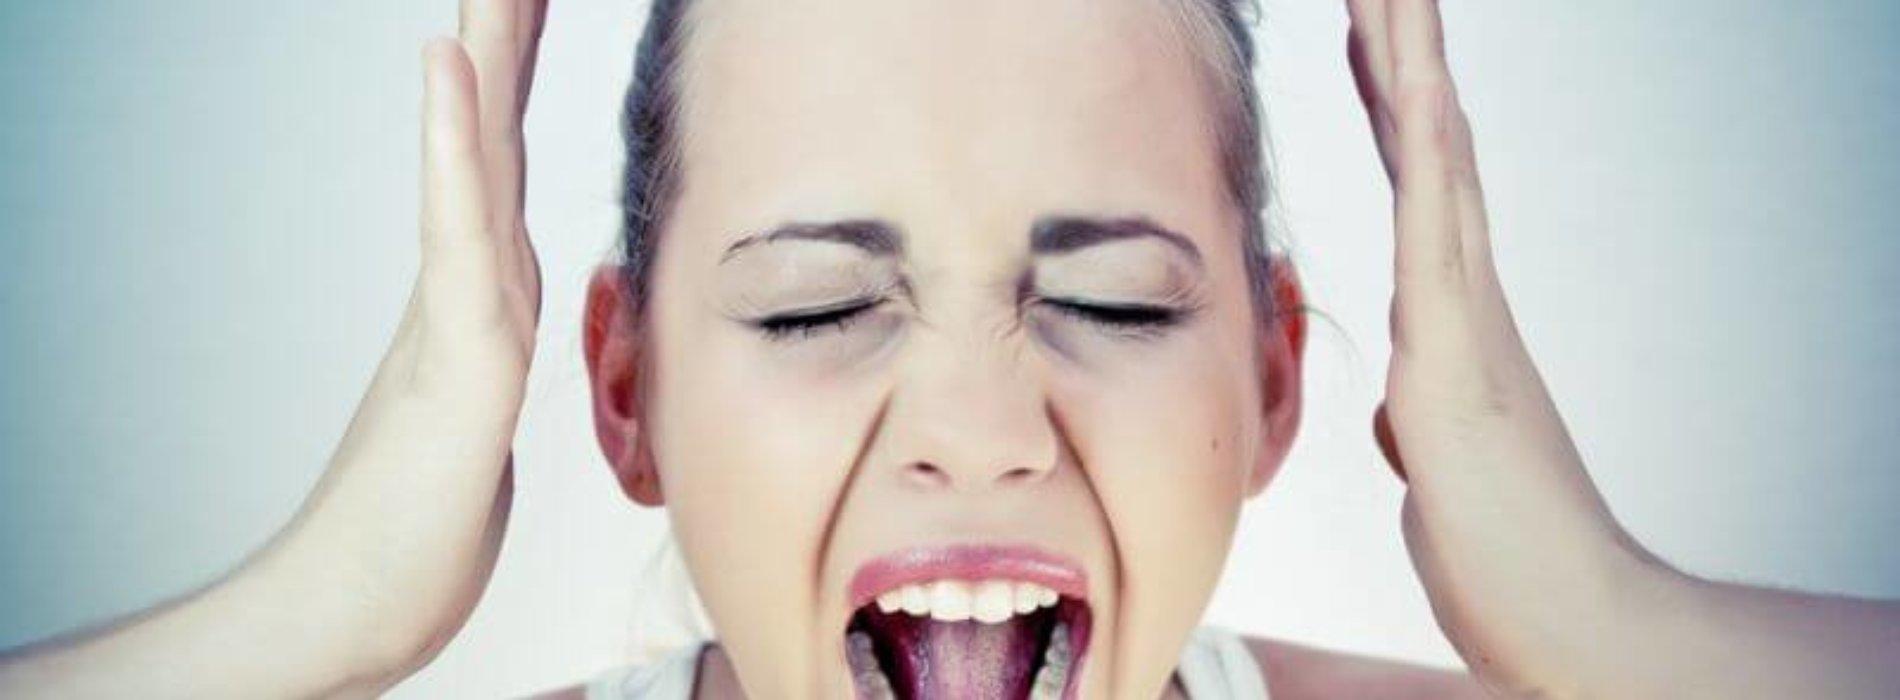 Nerwica zawodowa, czyli stres i strach w pracy